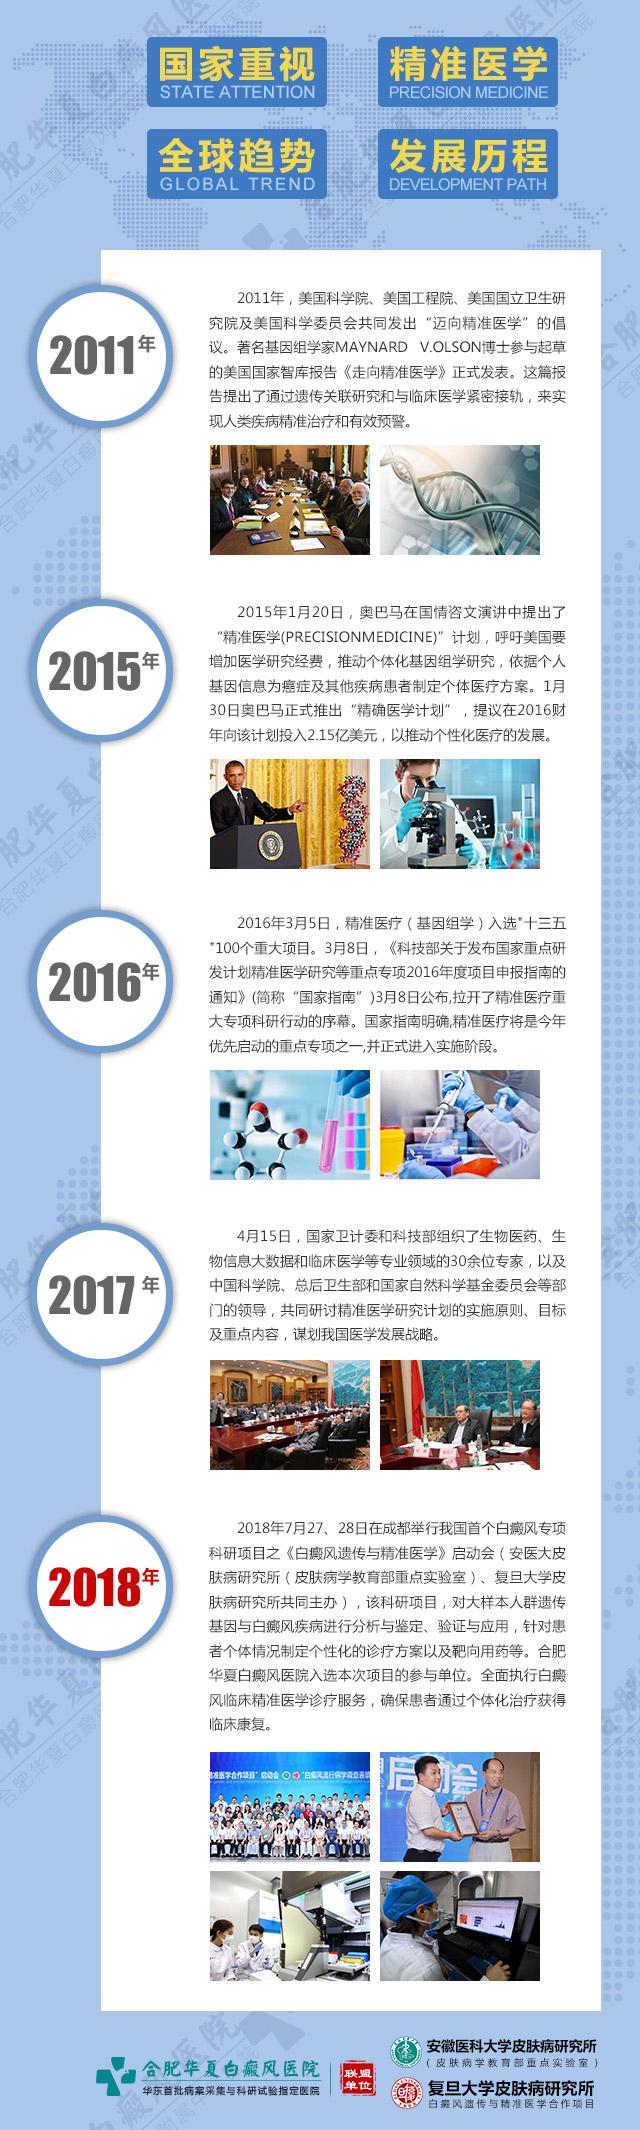 2018精准医学临床研讨会推进月暨白癜风个体化诊疗全面启动-合肥华夏